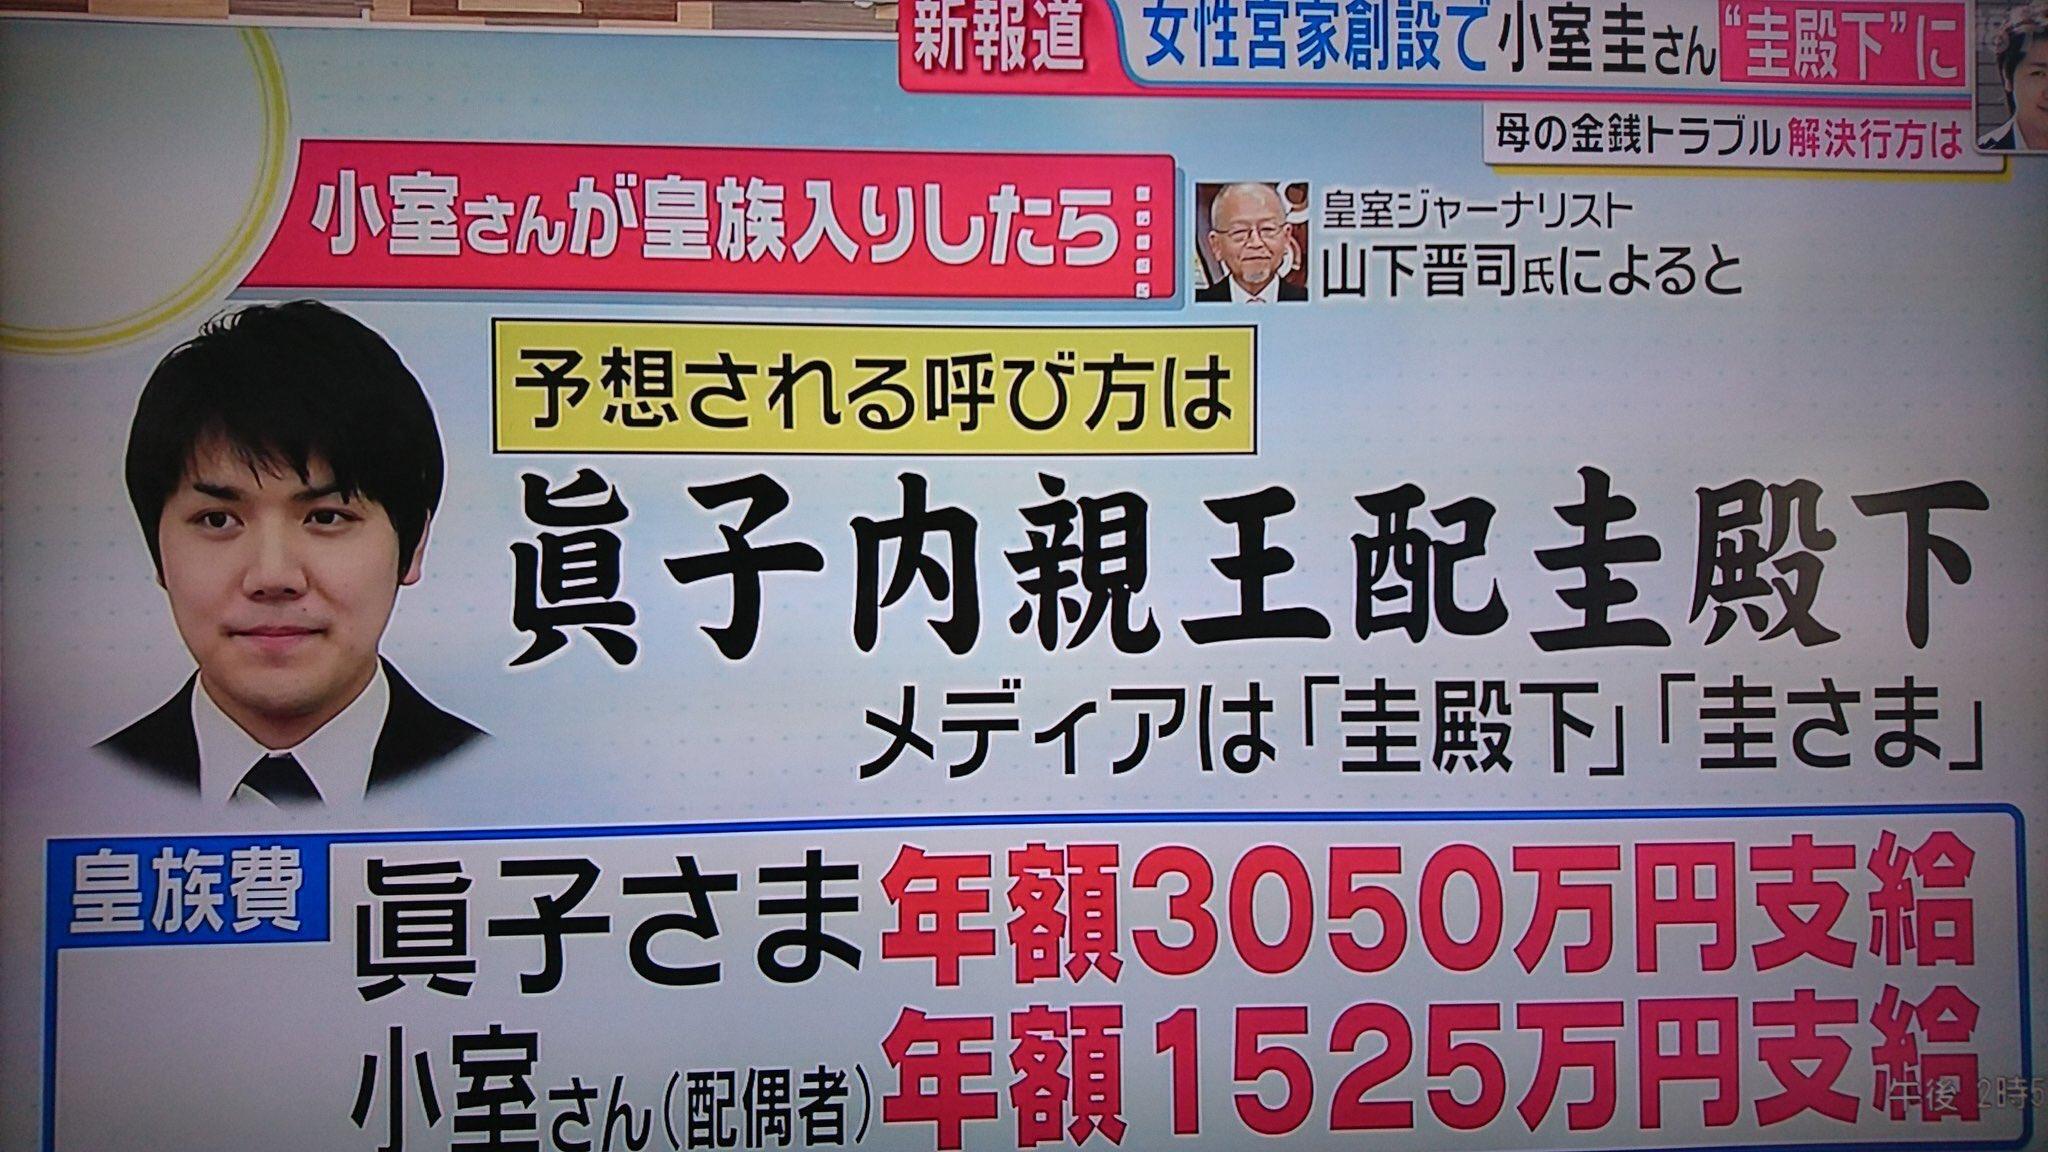 【悲報】小室圭さん、死ぬまで年収4500万円確定